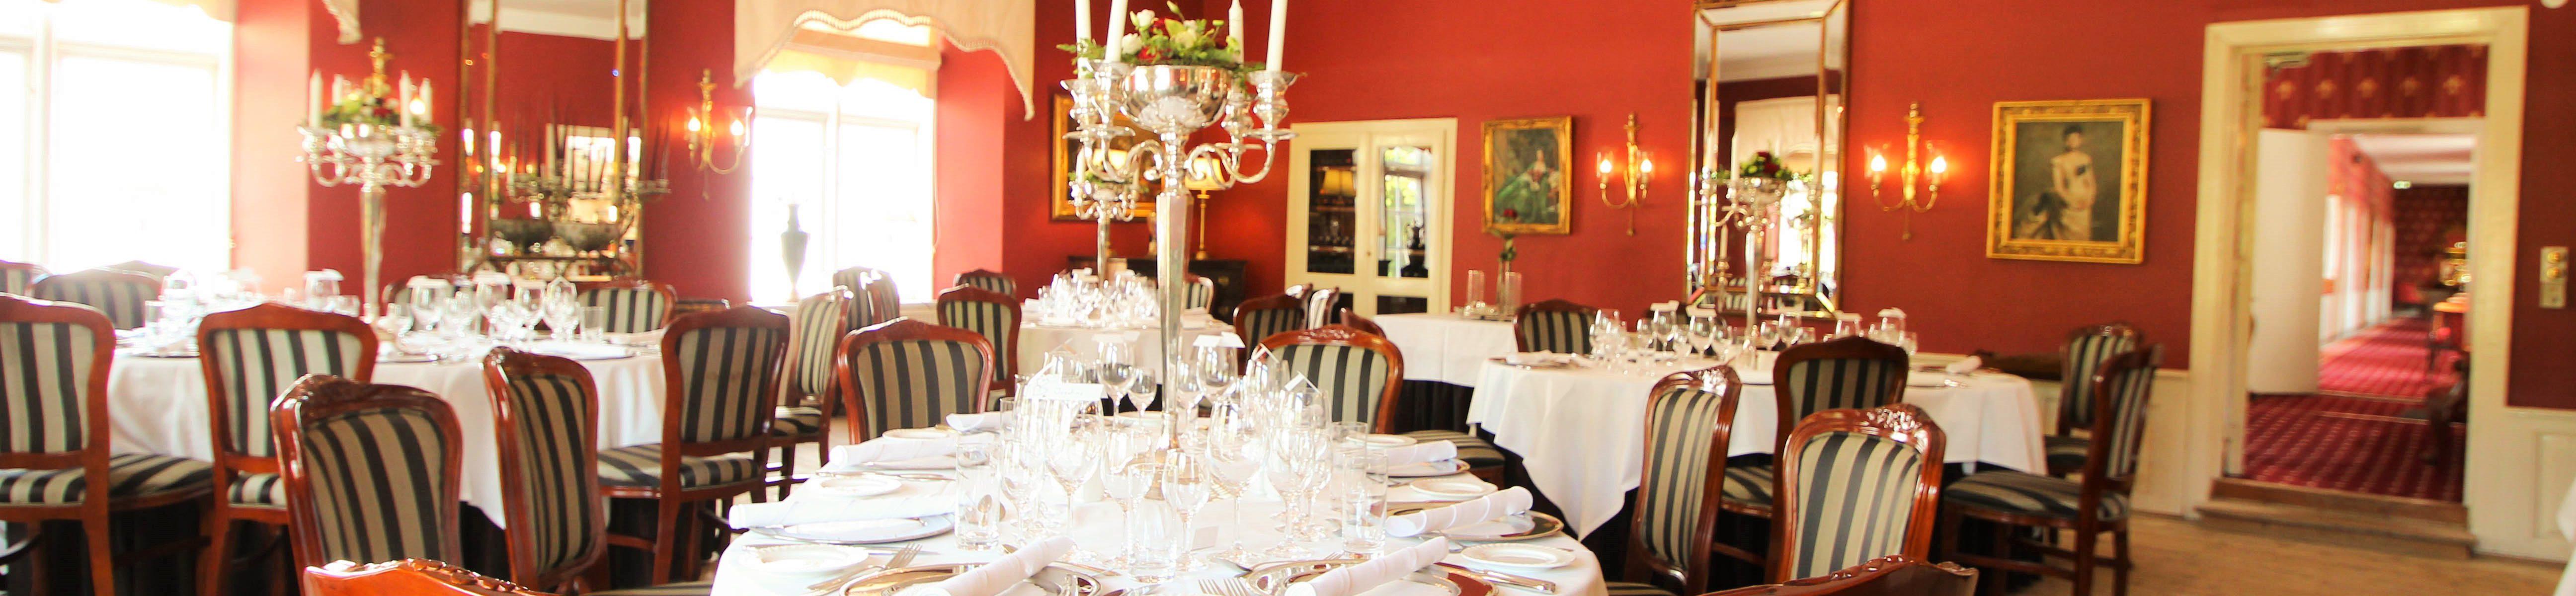 Dining1 Restaurant